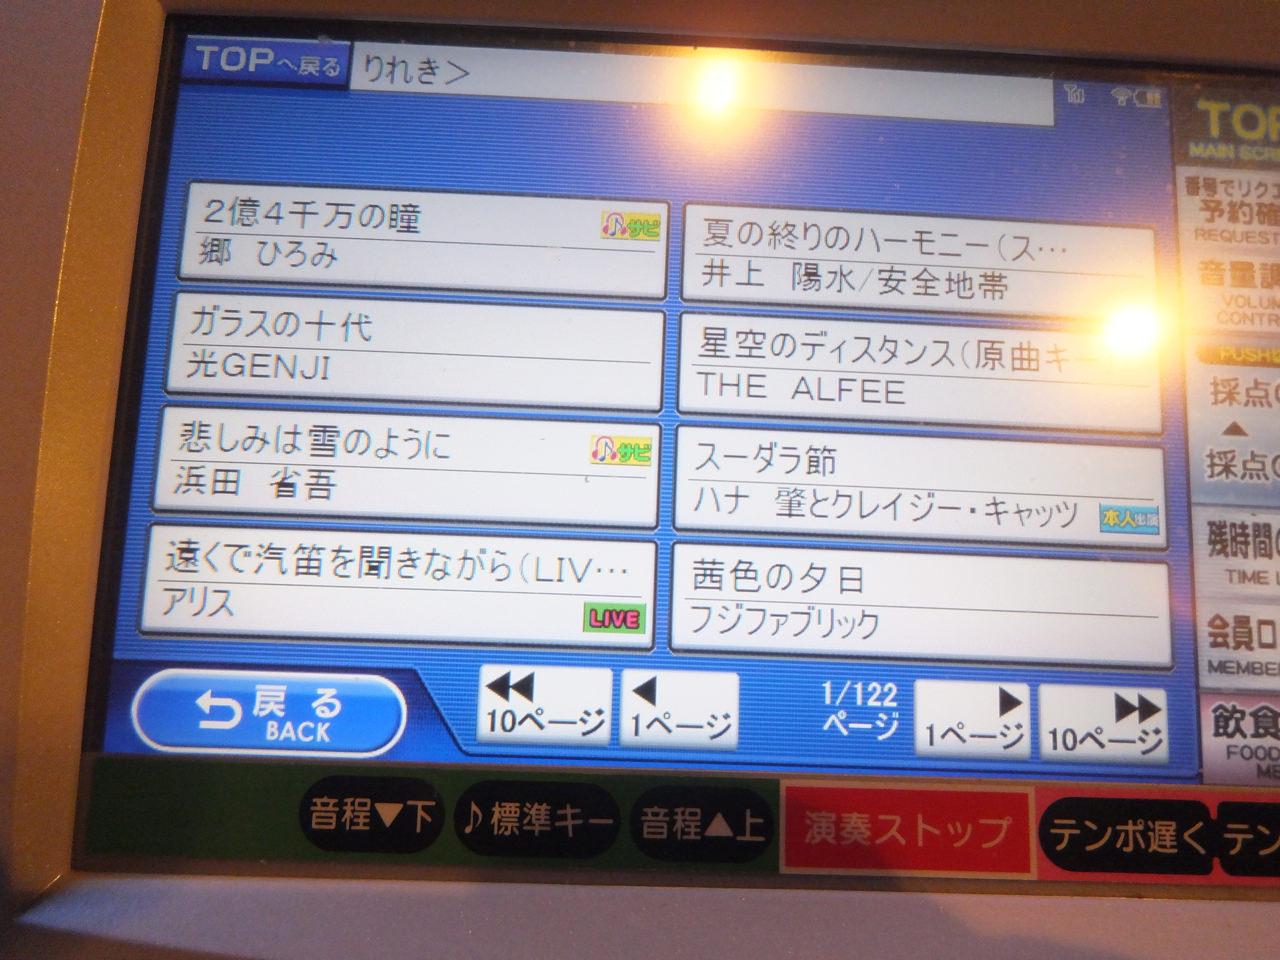 1人カラオケ・曲目リストvol4・ハナ肇とクレイジー・キャッツ・井上陽水・安全地帯・画像写真